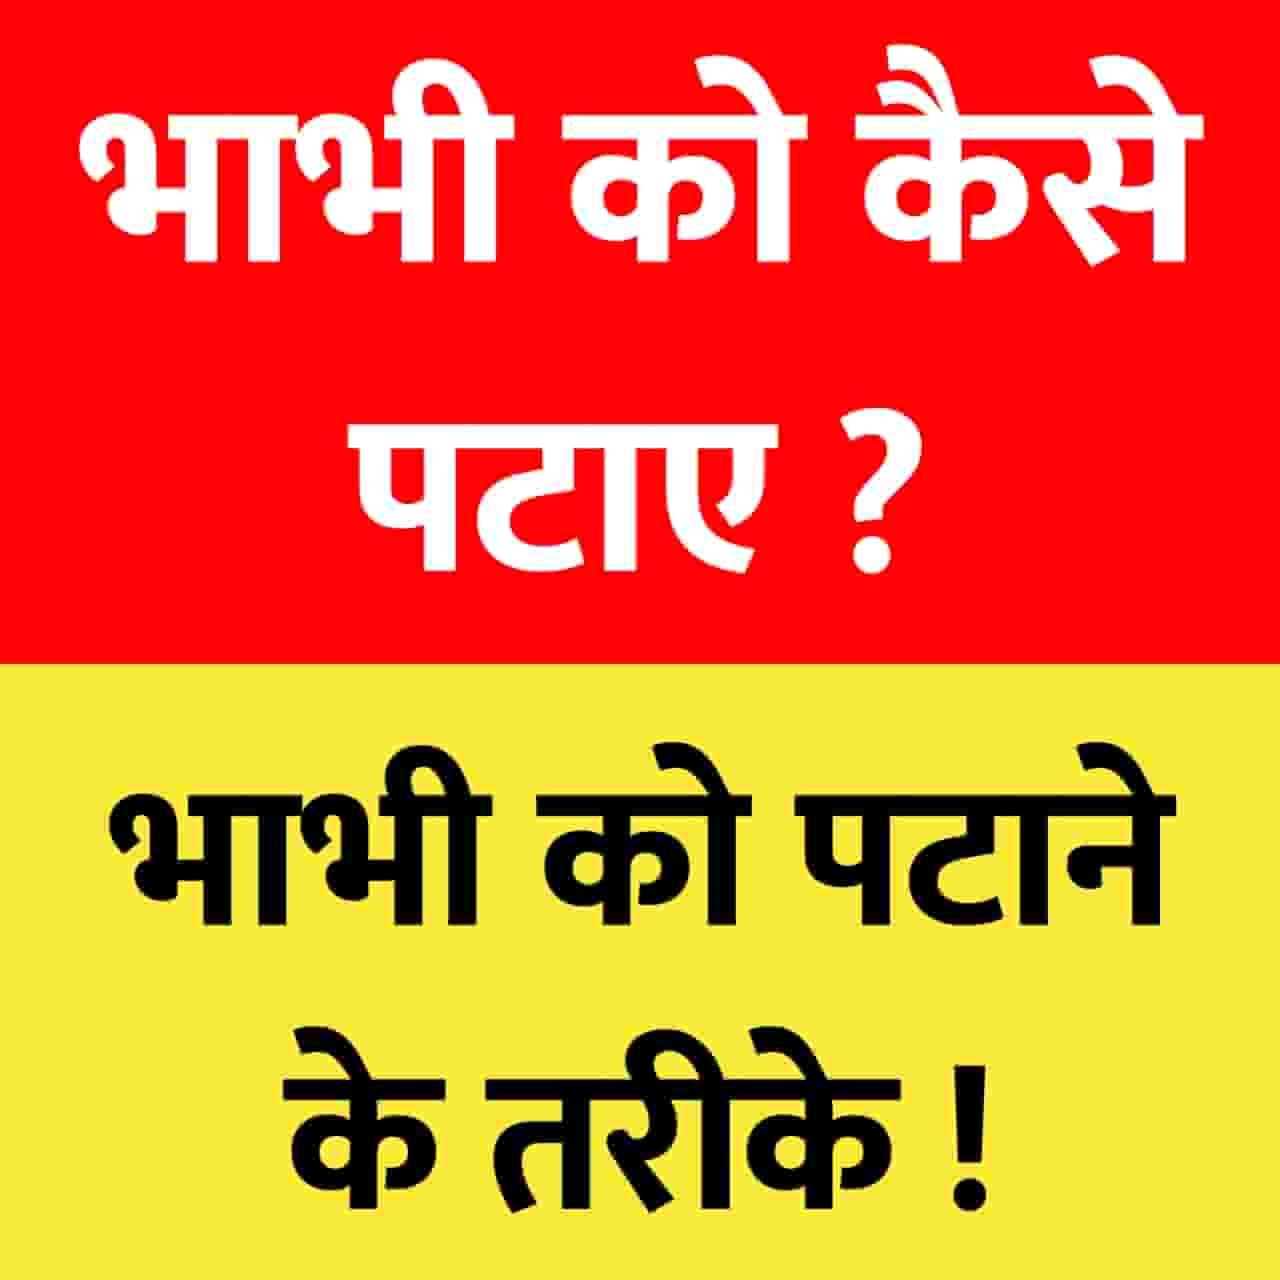 bhabhi ko kaise pataye, bhabi ko patane ke tarike, bhabhi ko kaise pataye formula, bhabi patane ke upay